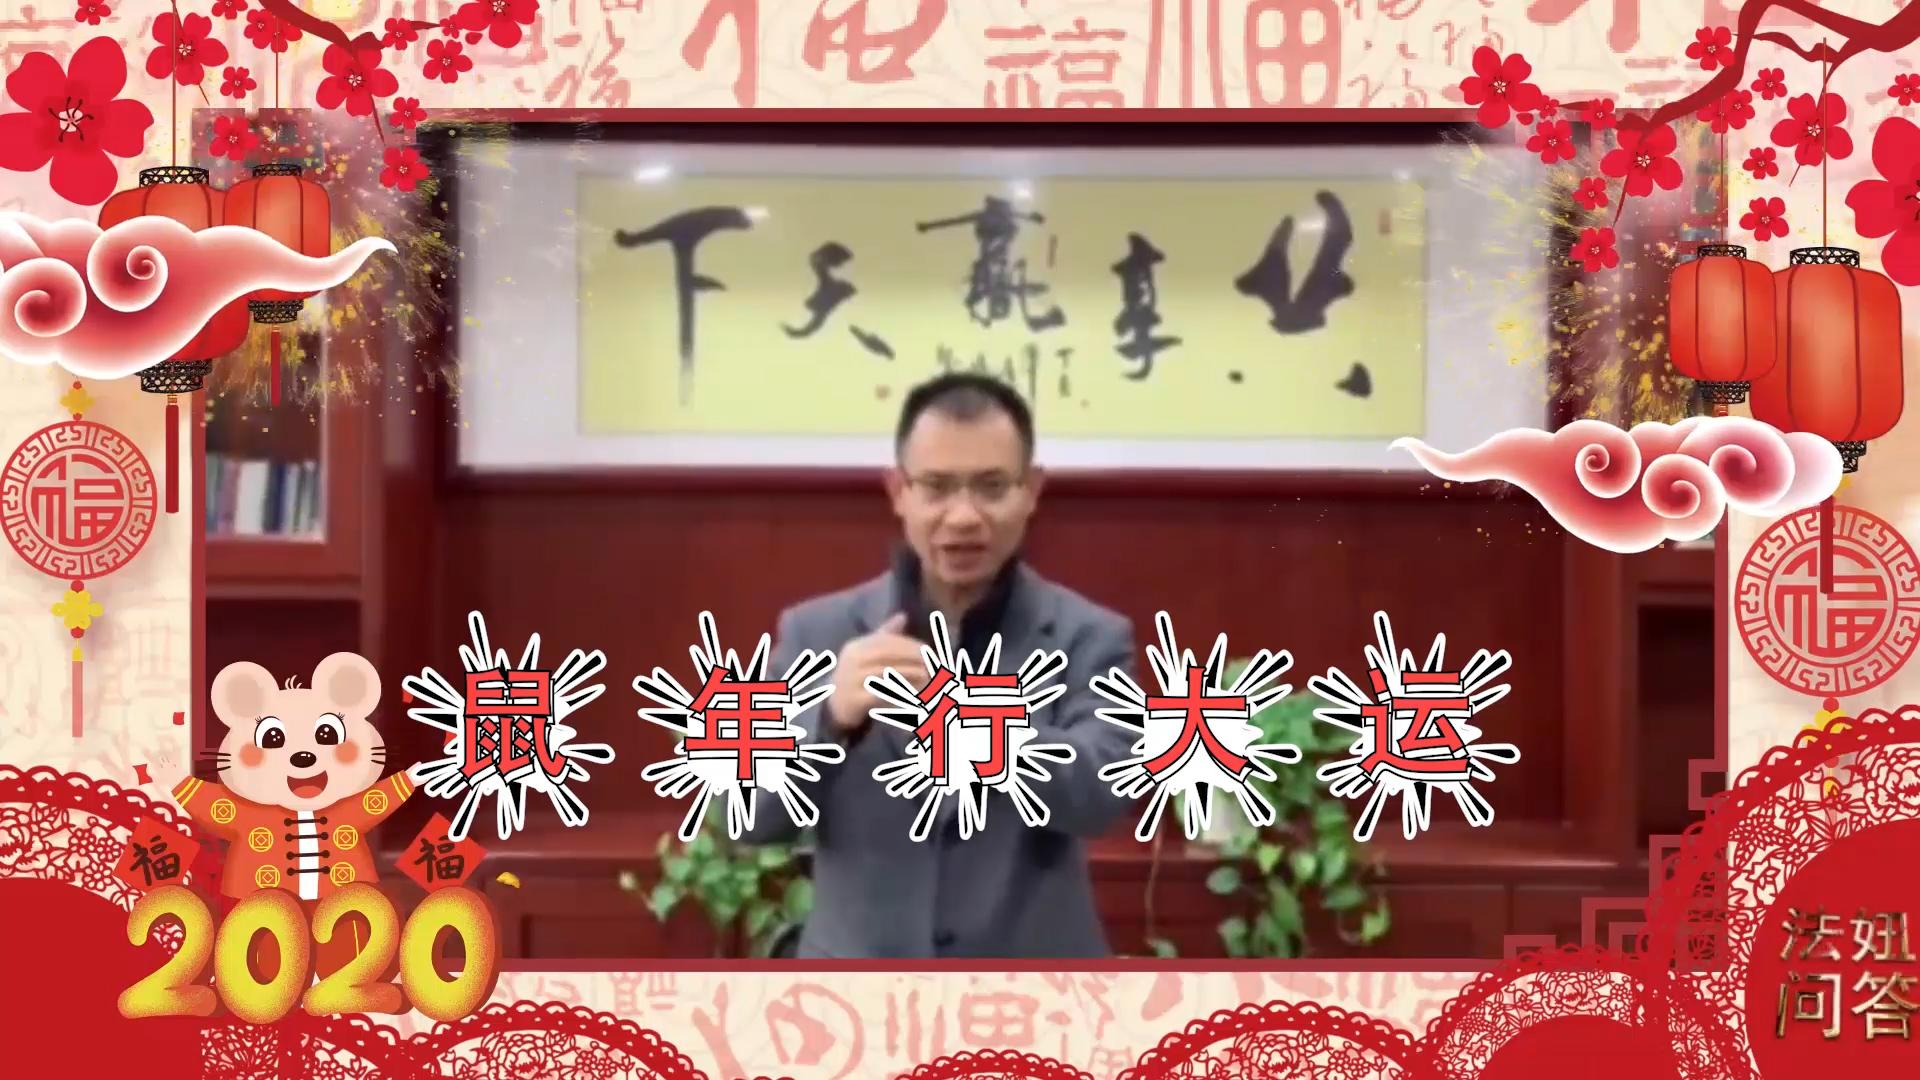 邓宝能律师拜年视频